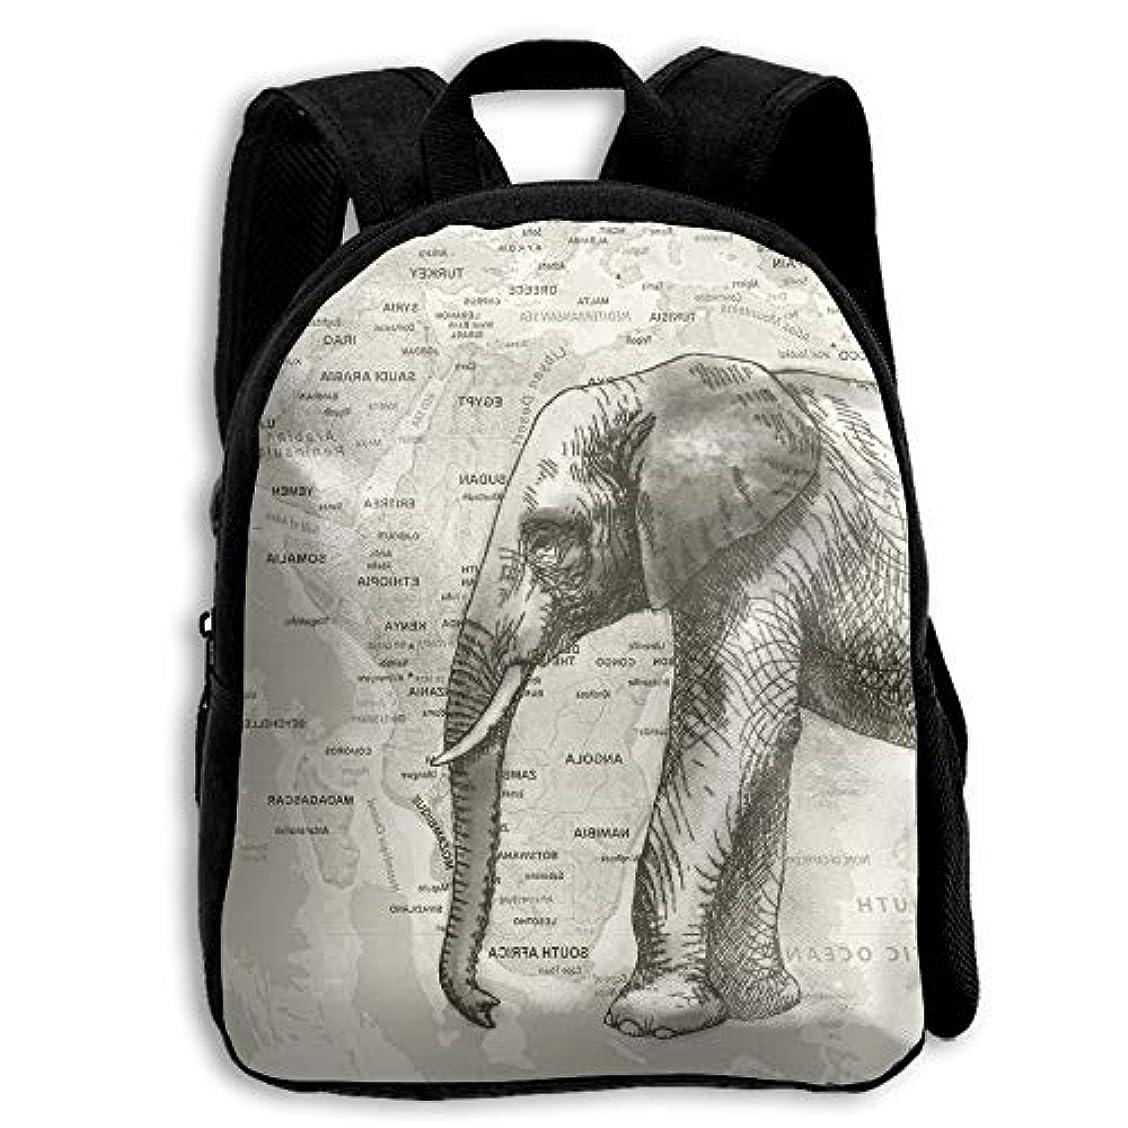 十分ですスパーク十分ではないキッズ リュックサック バックパック キッズバッグ 子供用のバッグ キッズリュック 学生 動物柄 象 エレファント マップ アウトドア 通学 ハイキング 遠足